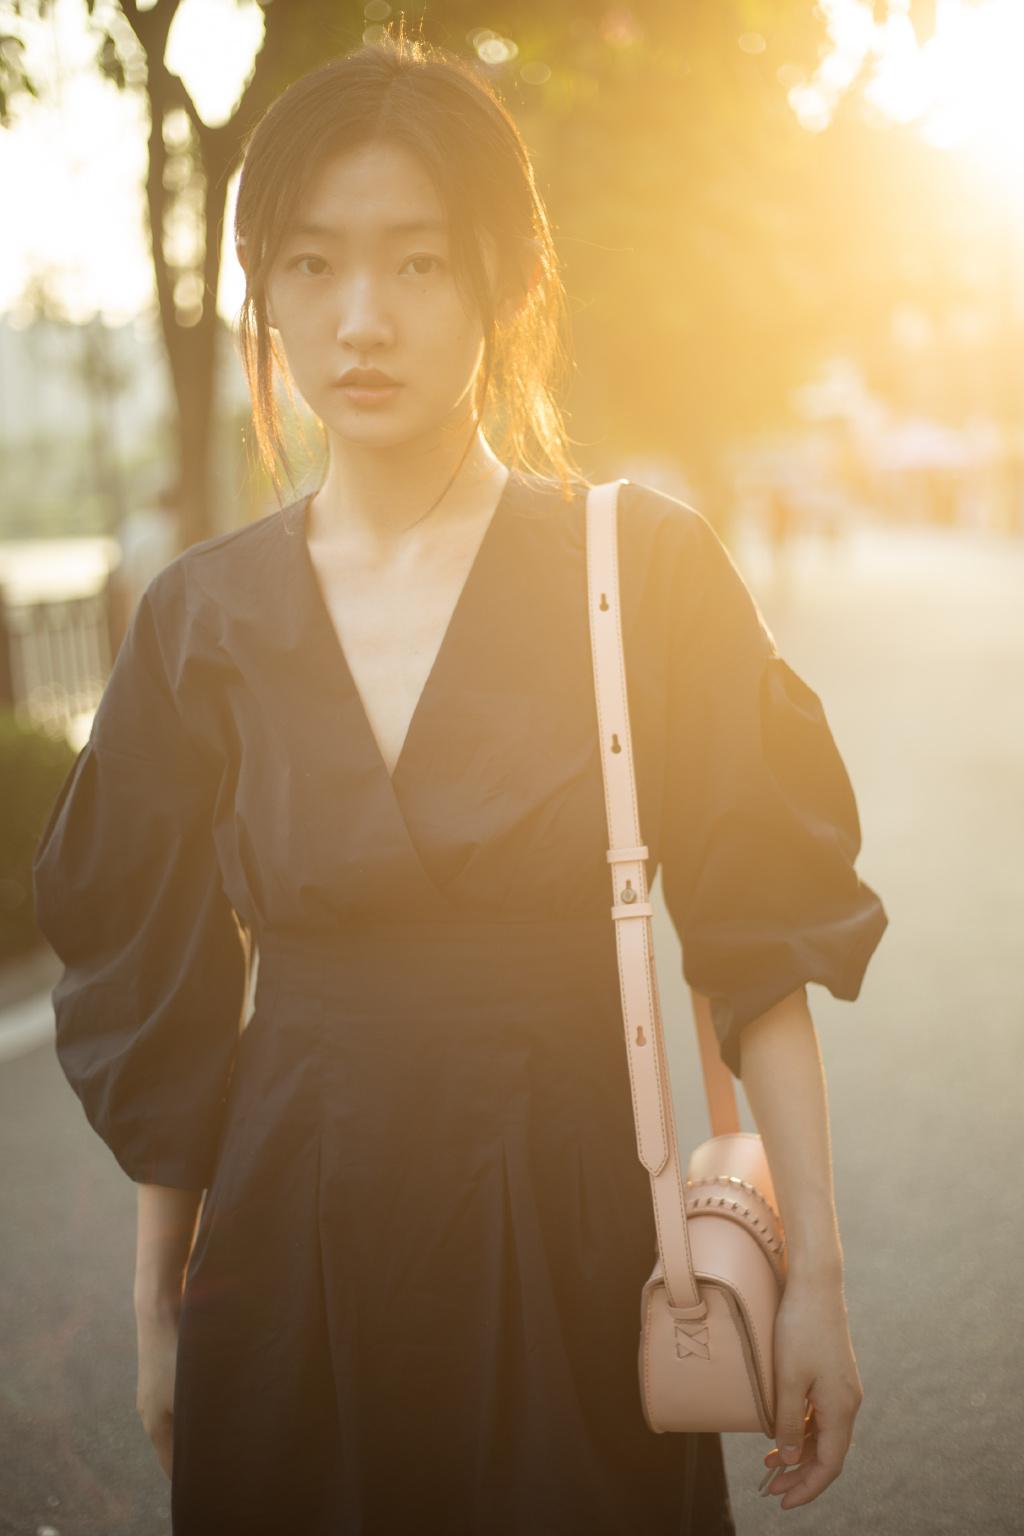 周依然黑裙少女甜美写真